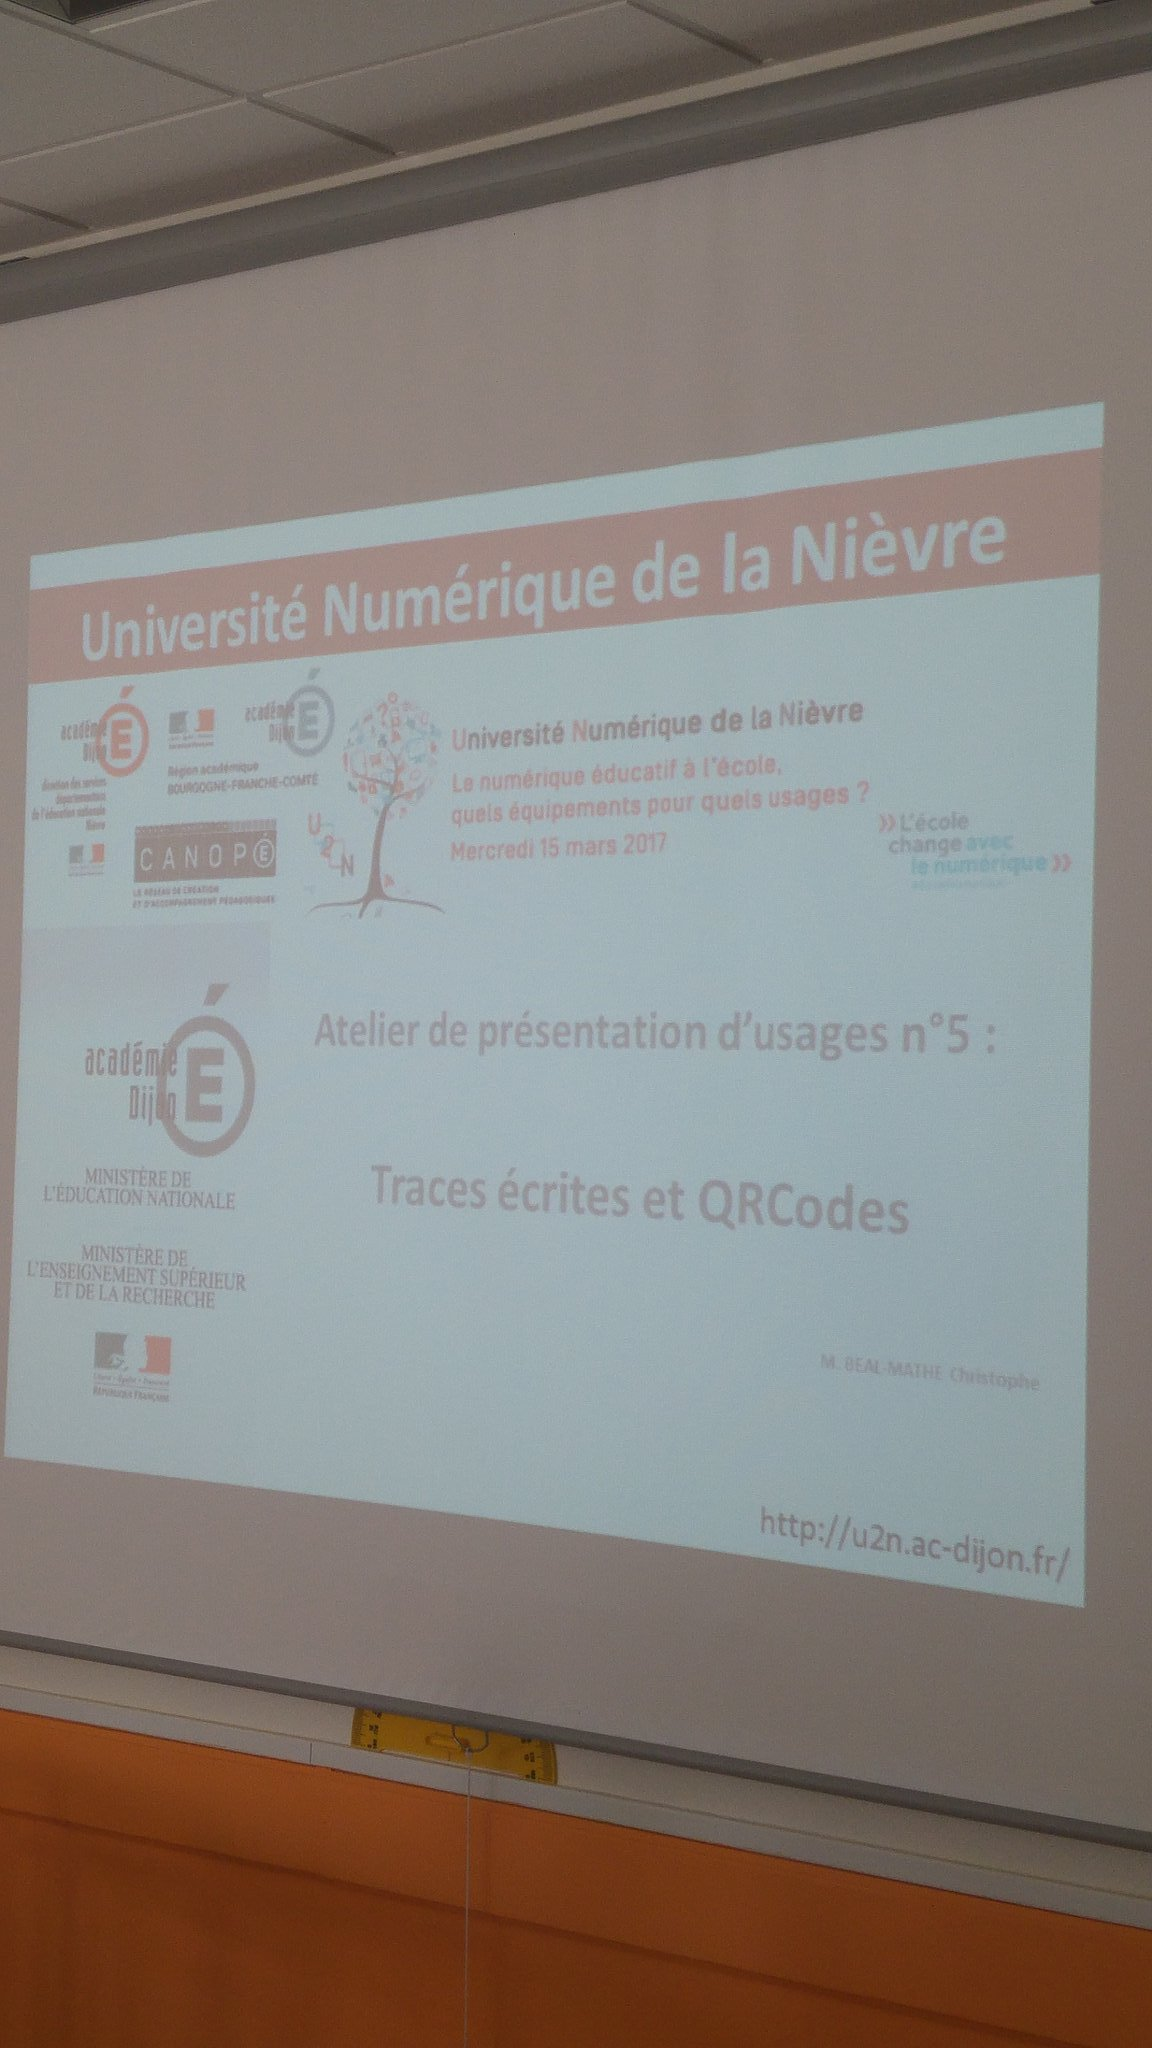 #U2N l'atelier traces écrites et qr codes va commencer @reseau_canope @canope_58 @dsden58 https://t.co/EDVcrxzEik